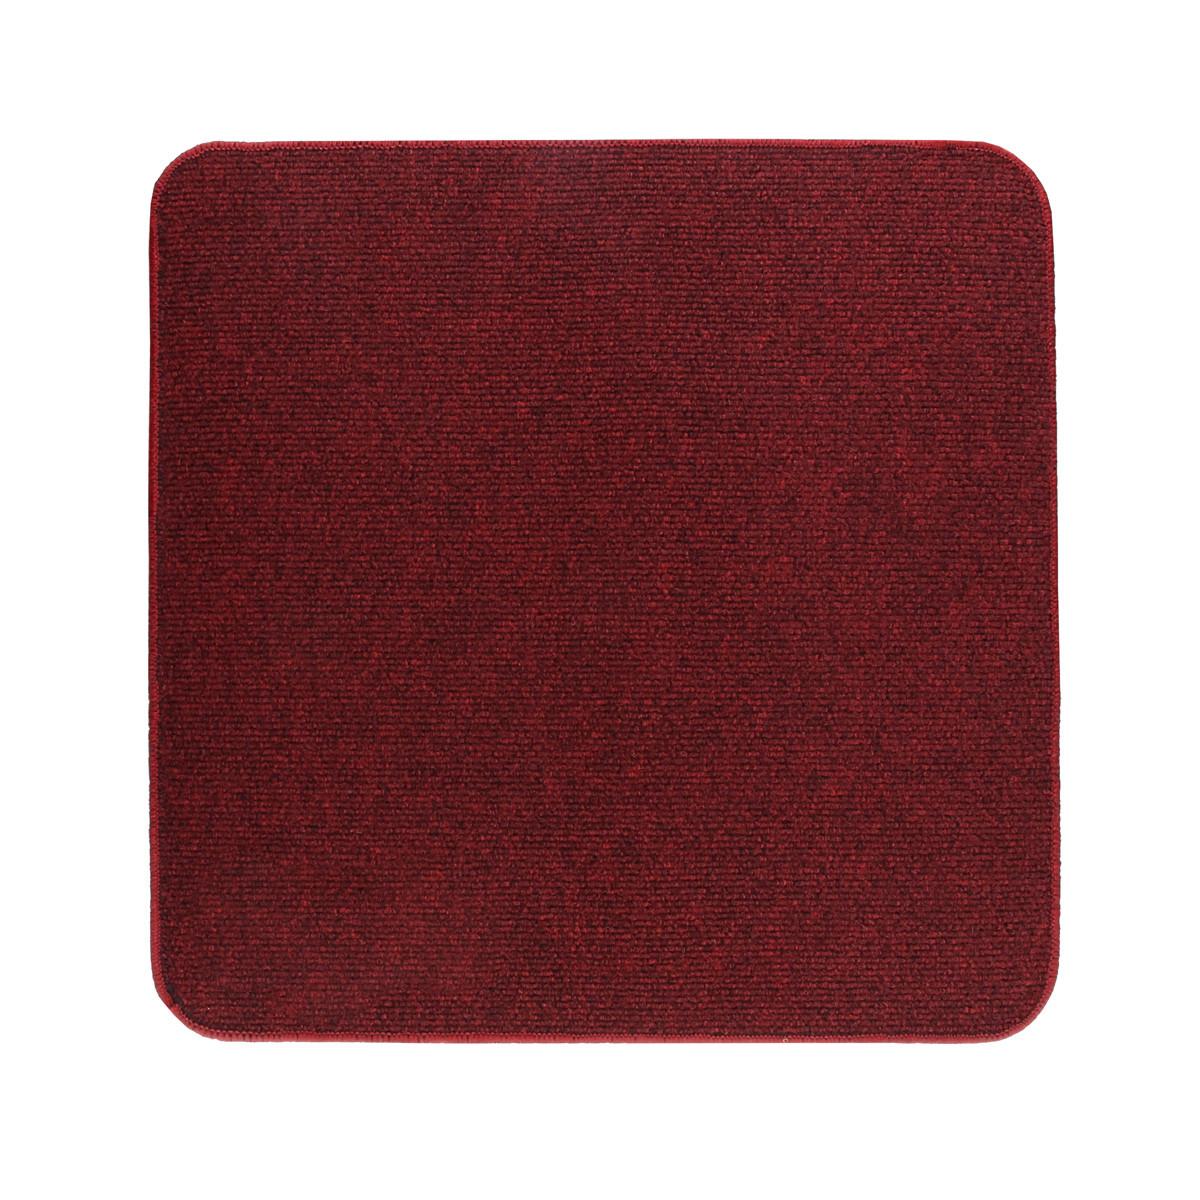 Электрический коврик с подогревом Теплик с термо и гидроизоляцией 100 х 100 см Темно-красный